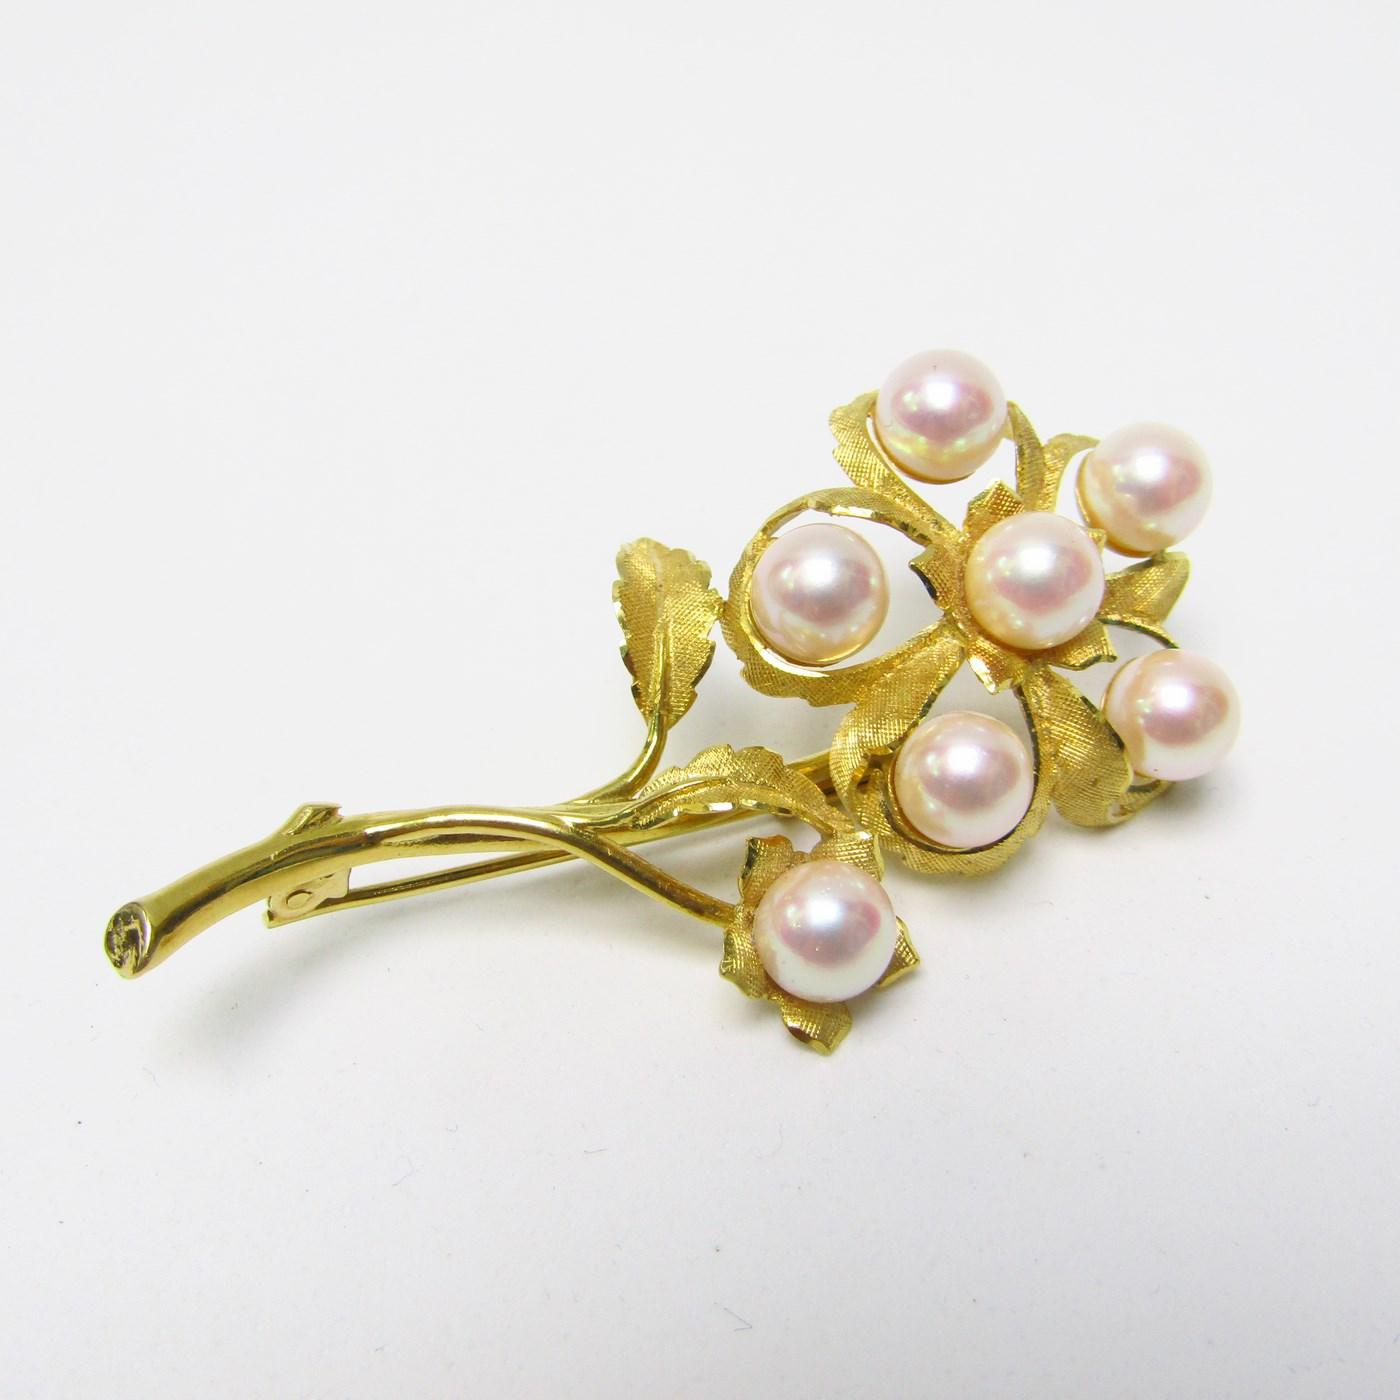 Broche Artesanal en Oro de 18k matizado con siete perlas cultivadas japonesas. 13,55 gr.